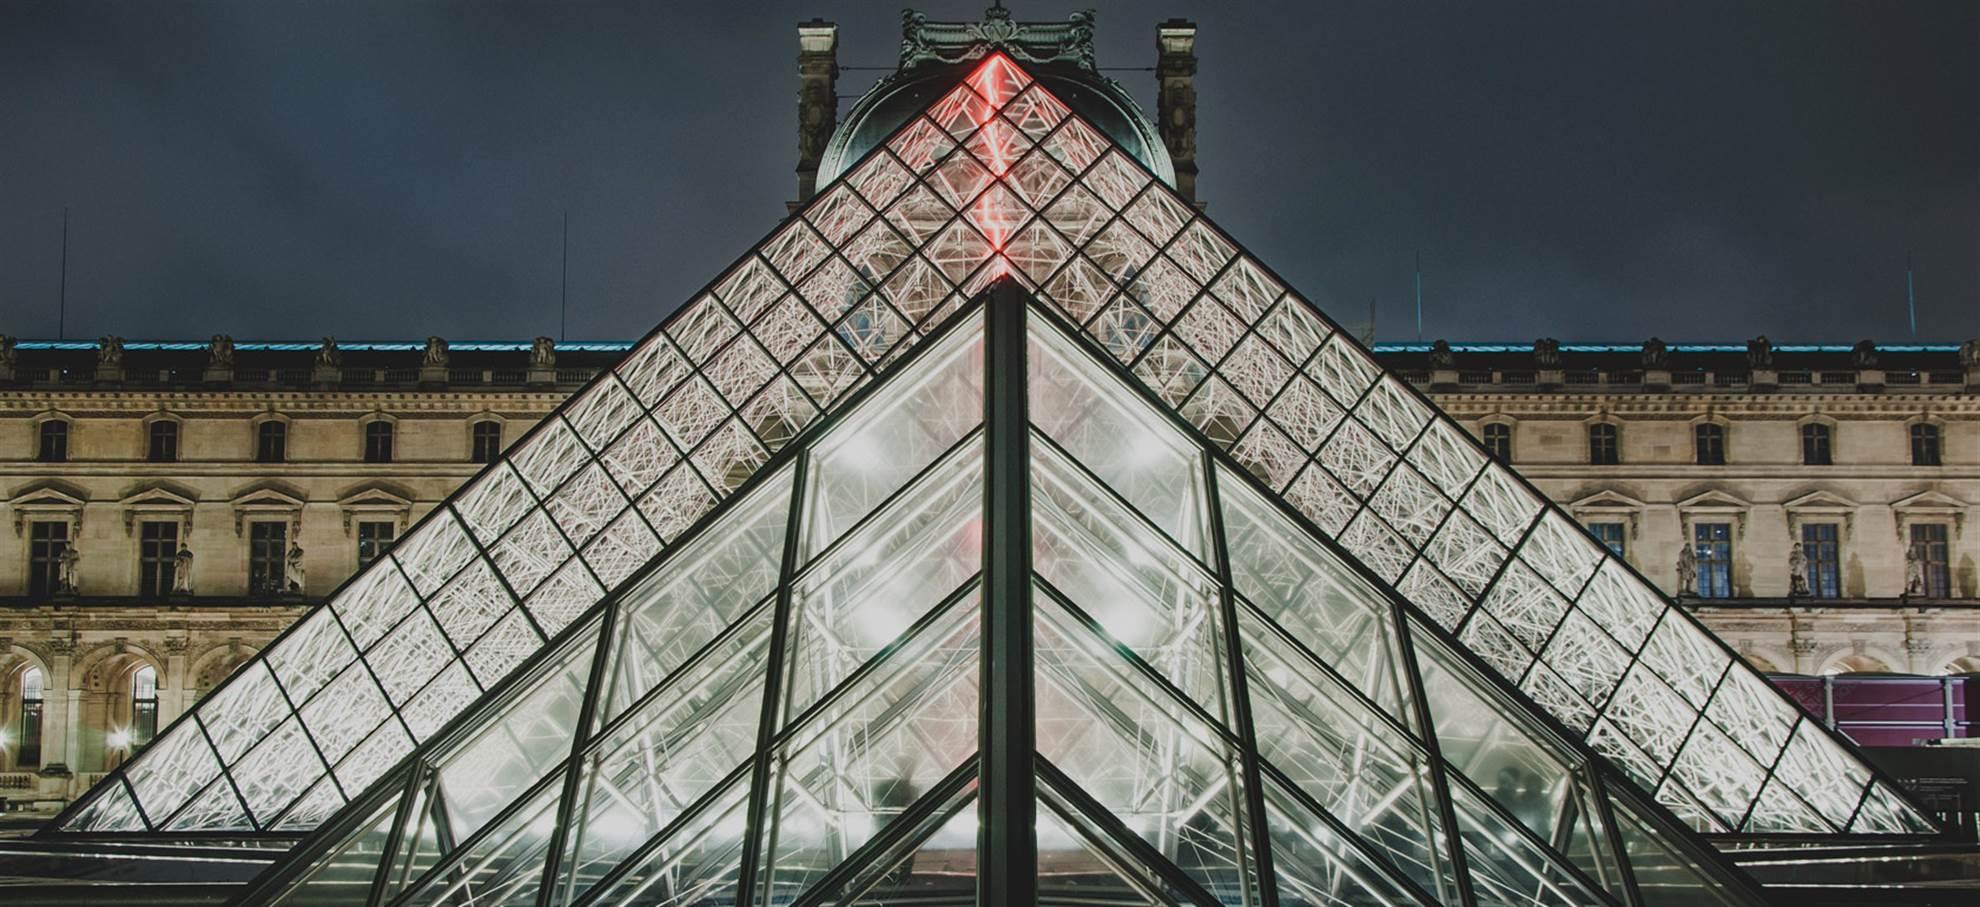 Visita con audioguia del Museo del Louvre